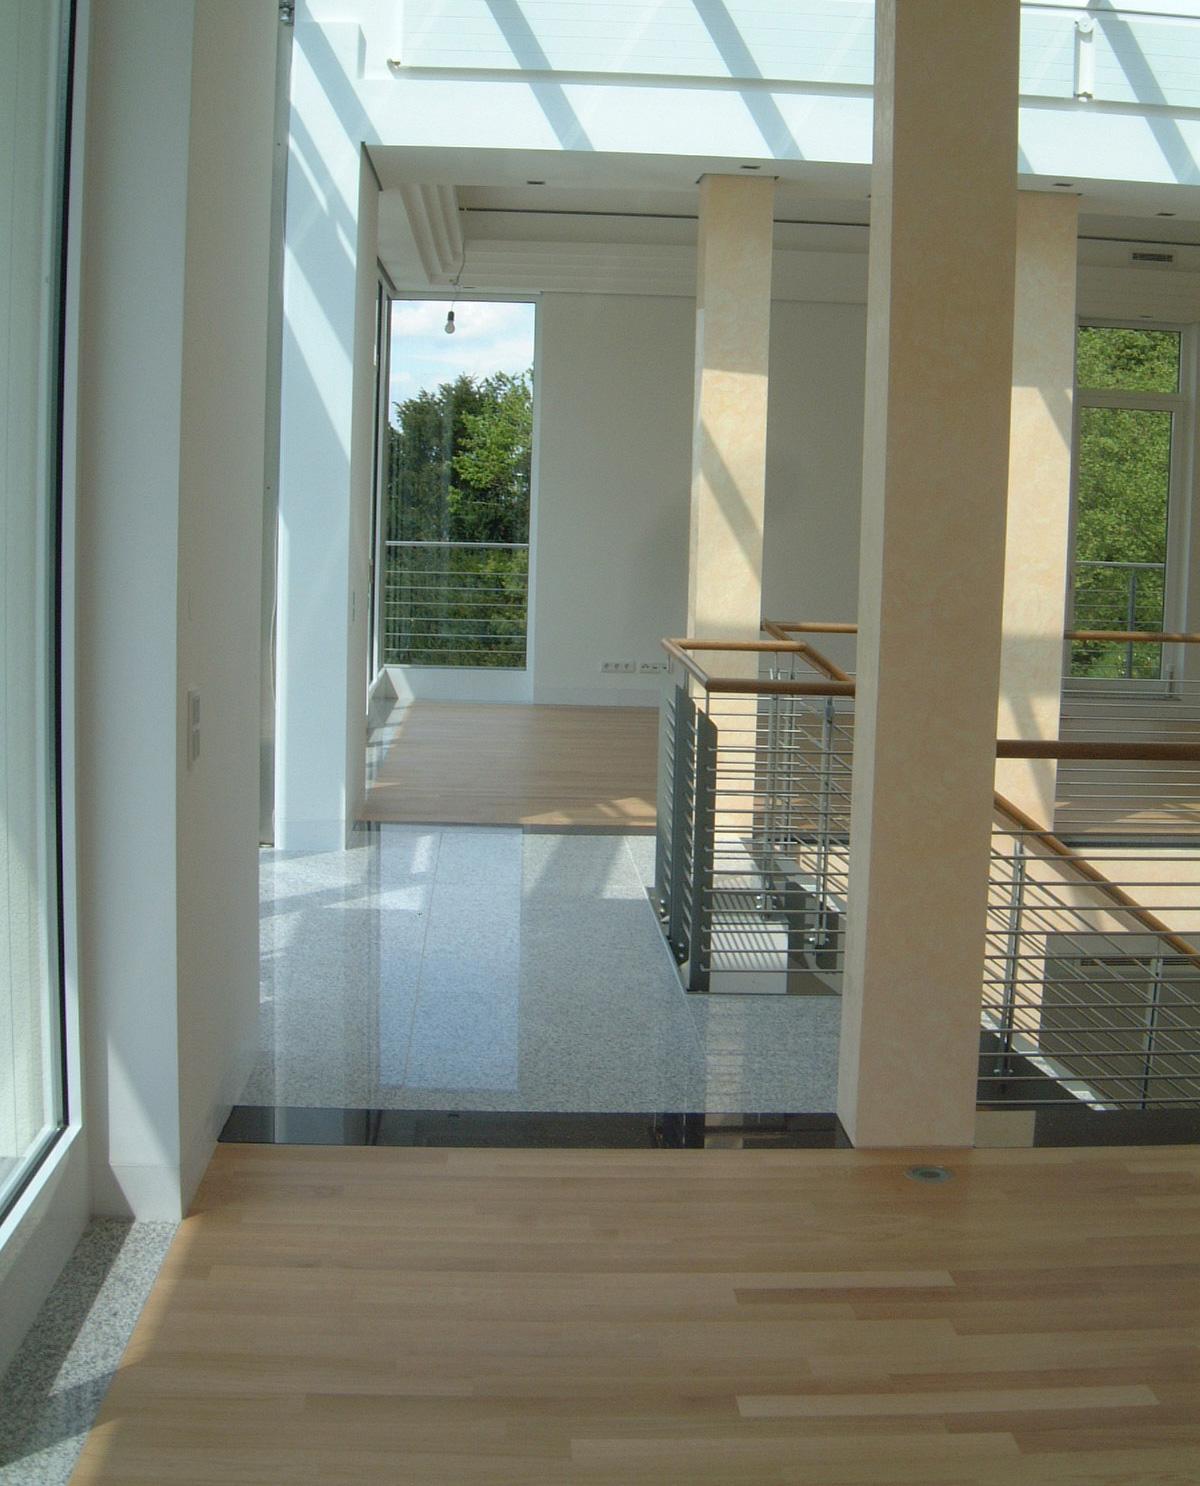 stadtvilla weinheim wohnbau mmf architekten architektur. Black Bedroom Furniture Sets. Home Design Ideas